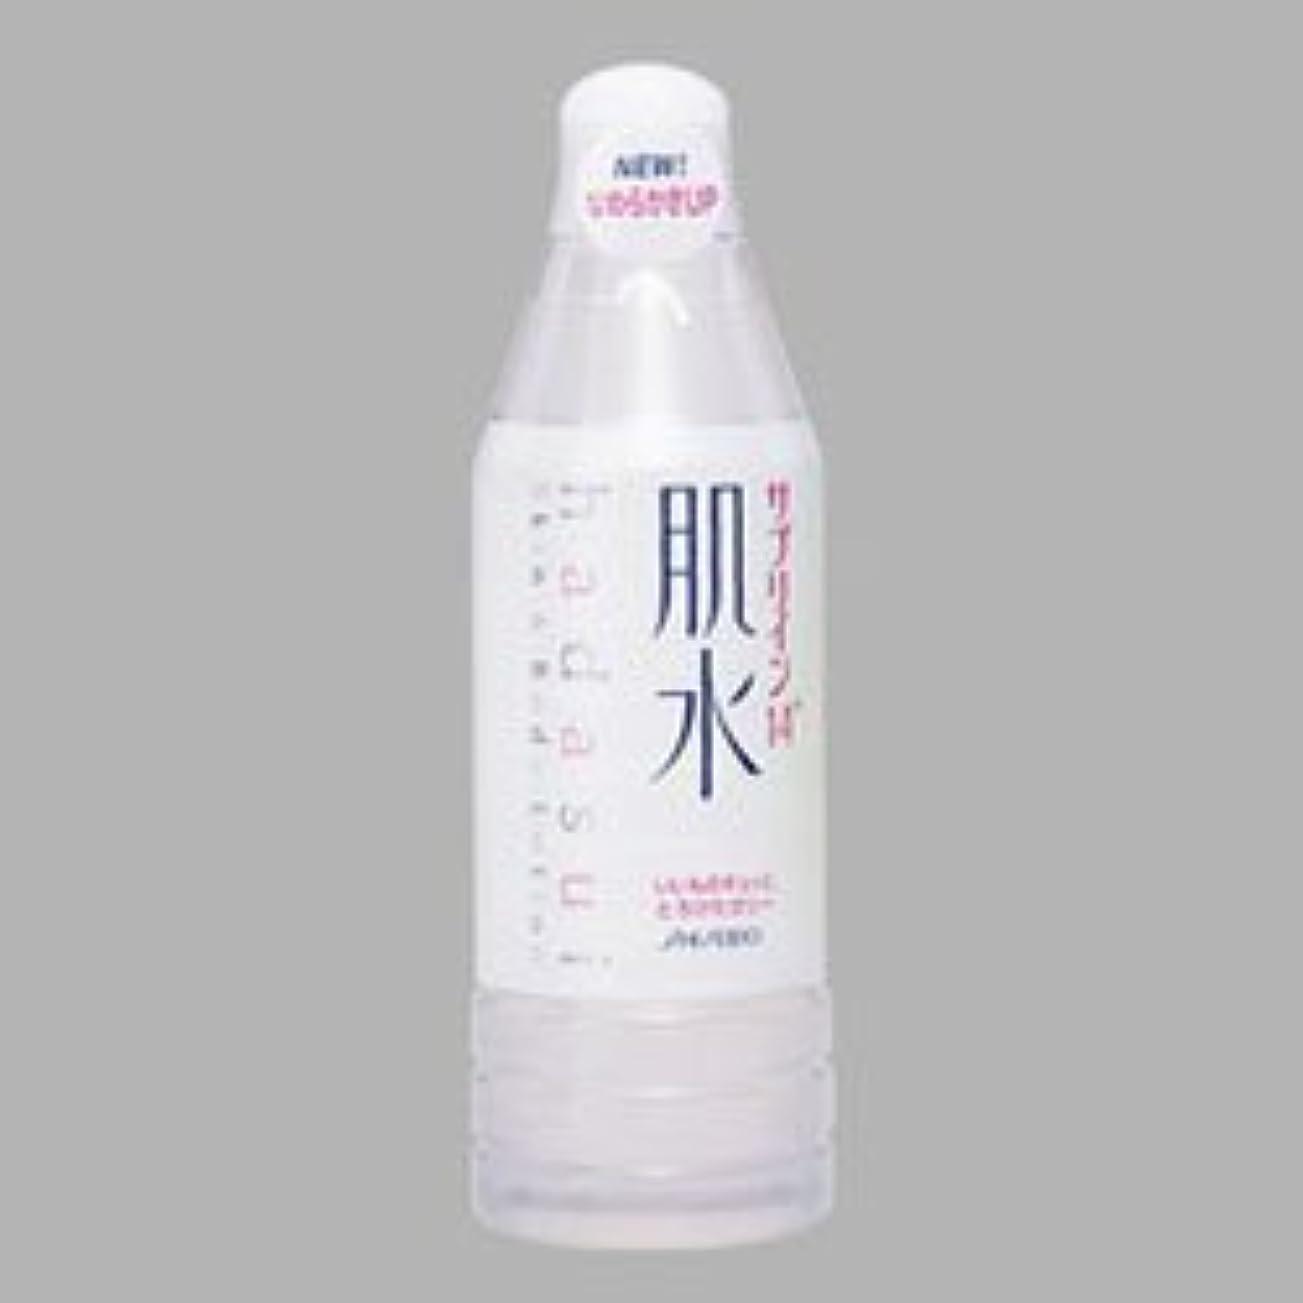 ランドマーク魚金銭的な【エフティ資生堂】肌水サプリイン14+ (ボトル) 400ml☆☆ ×10個セット